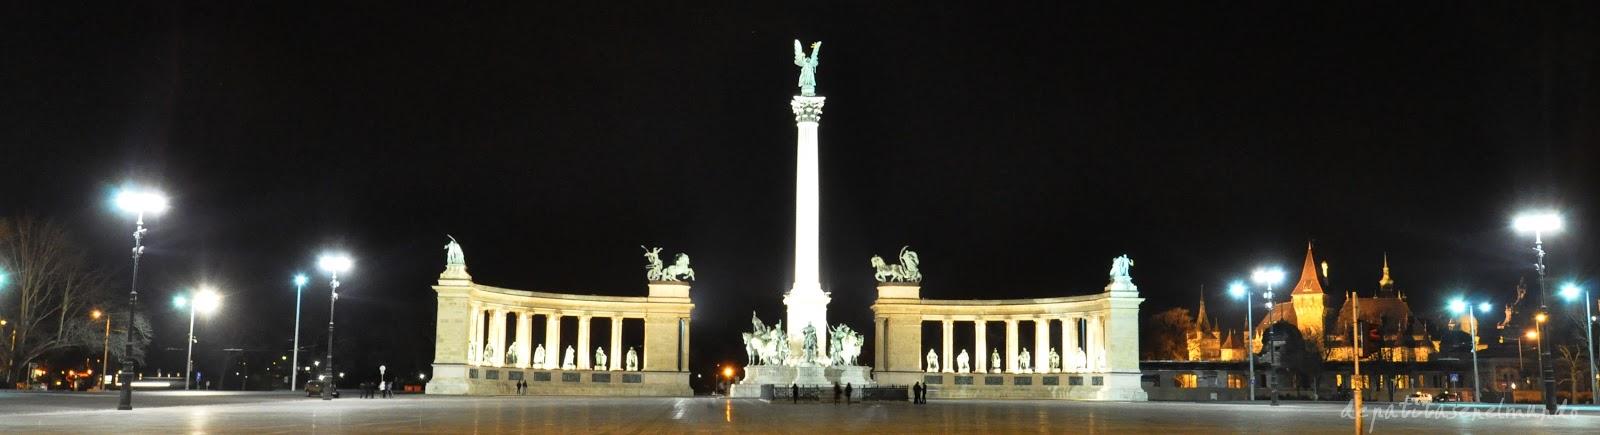 Plaza de los Heroes